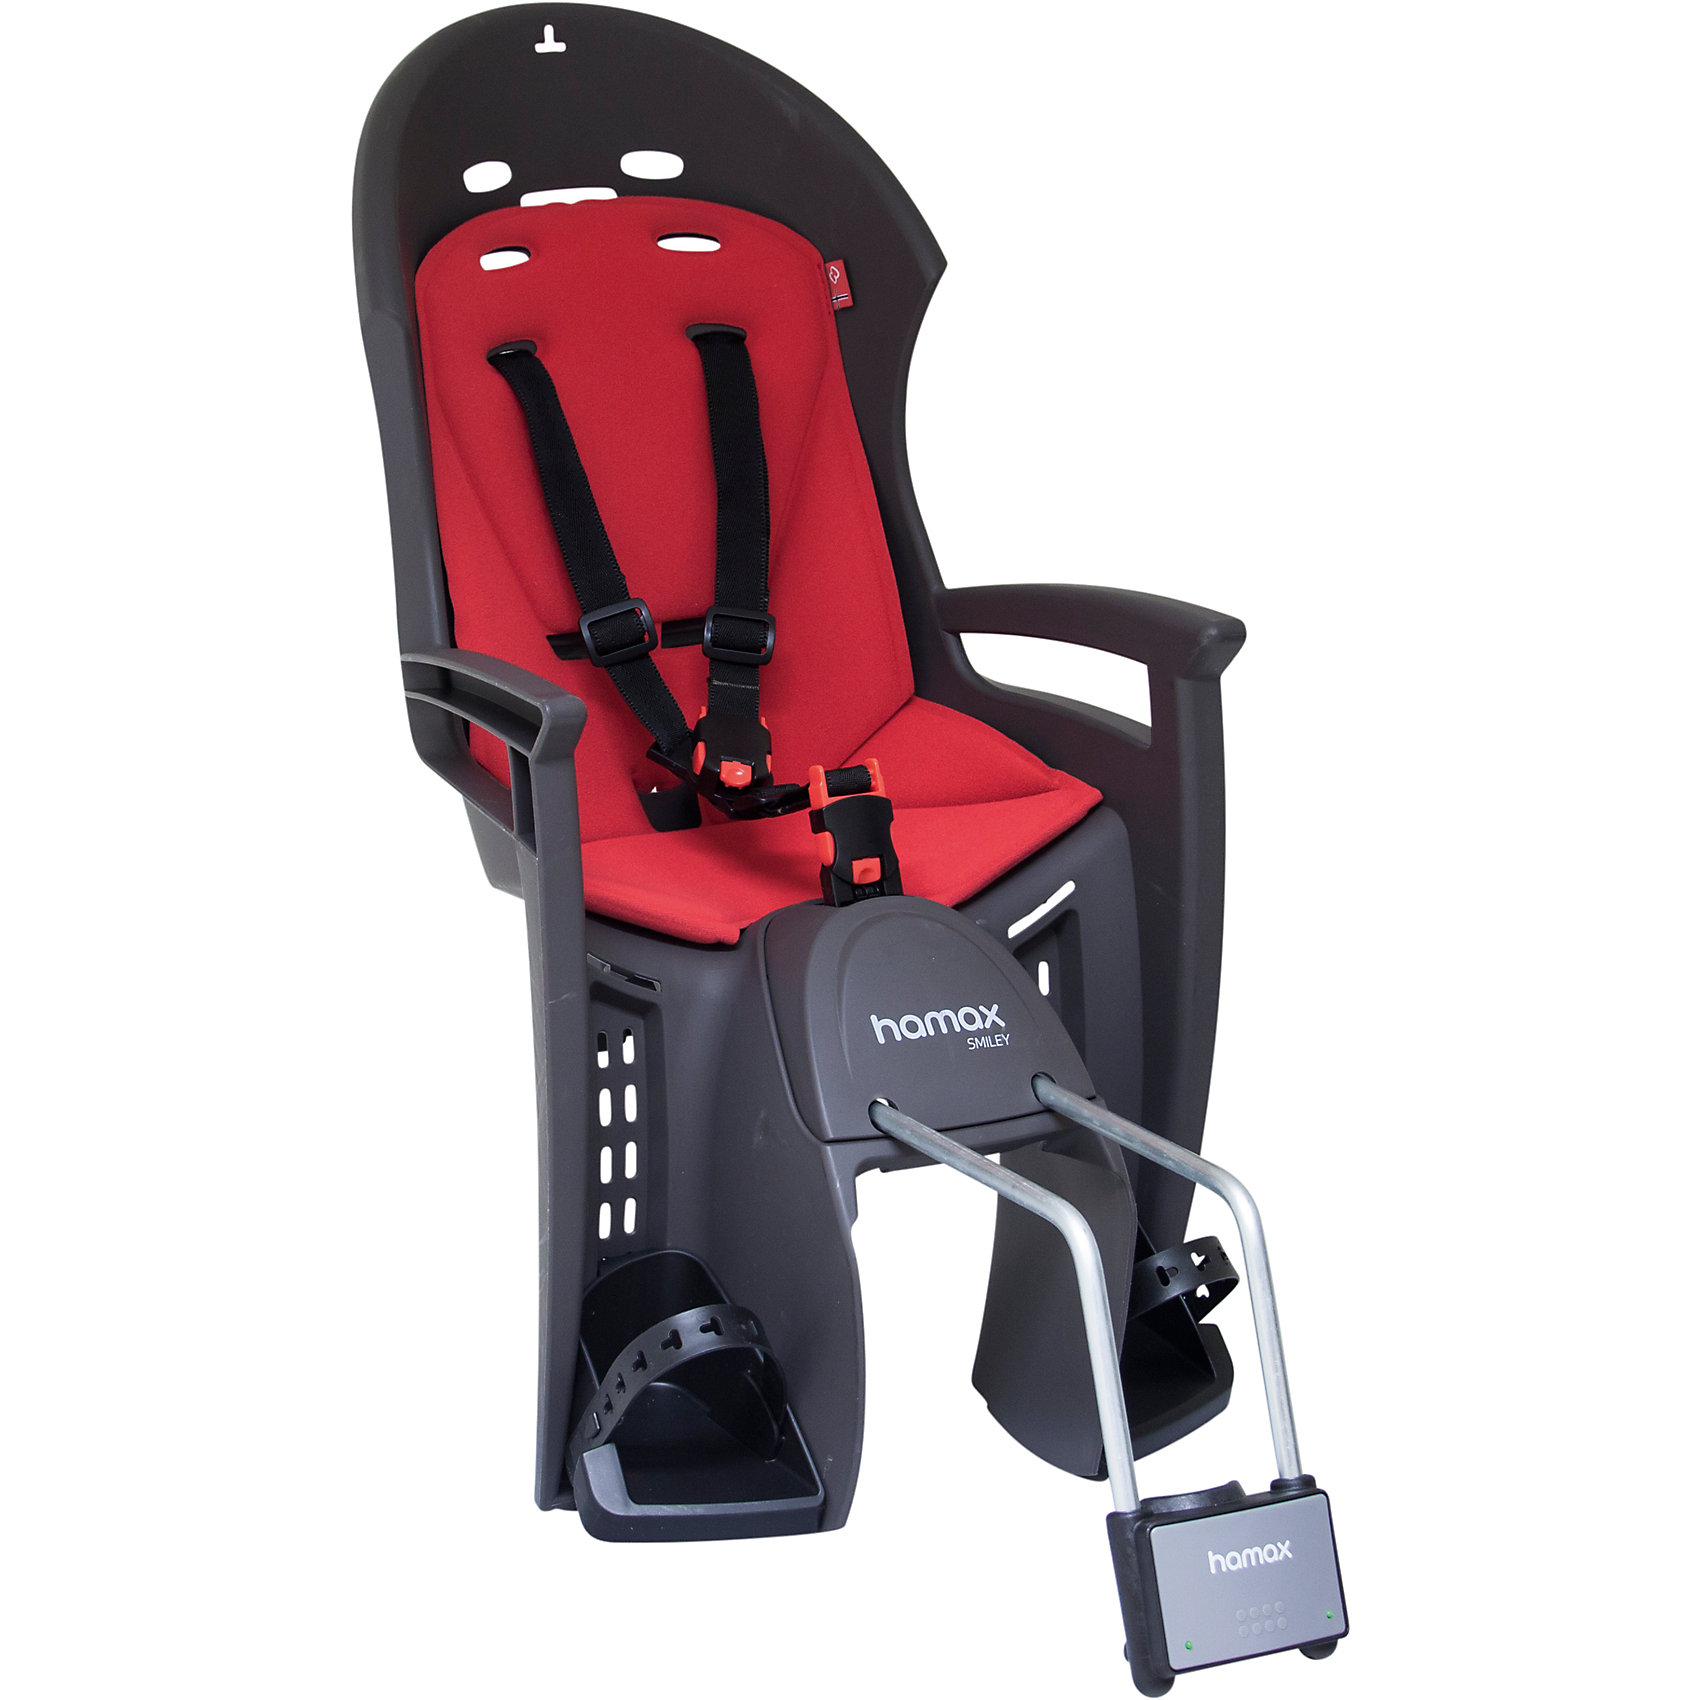 Детское велокресло Smiley W/lockable Bracket, Hamax, серый/красныйАксеcсуары для велосипедов<br>Характеристики товара:<br><br>• цвет: красный, серый<br>• возраст: от 9 мес.<br>• ограничение по весу: до 22кг<br>• эргономичный дизайн с дополнительным местом для шлема<br>• регулируемая система подножек и ремней безопасности<br>• пояс-пряжка не может быть открыт ребенком<br>• крепёжный кронштейн с замком<br>• может крепиться на велосипед, даже если на нём нет багажника<br>• надёжность и простота подгонки<br>• материал: полипропилен, текстиль, металл<br>• страна бренда: Польша<br>• вес: 3750гр<br>• размер: 38х82х31см<br><br><br>Эргономичный дизайн велокресла Hamax с дополнительным местом для шлема и обтекаемой формы обеспечит безопасность ребенка во время велопрогулок на свежем воздухе. <br><br>Система ремней безопасности крепится в трёх точках и имеет на груди дополнительную застёжку, позволяющую фиксировать ребёнка на сидении в удобном и безопасном положении.<br><br>Может крепиться на велосипед, даже если на нём нет багажника.<br><br>Детское велокресло Smiley W/lockable Bracket, Hamax, серый/красный можно купить в нашем интернет-магазине.<br><br>Ширина мм: 380<br>Глубина мм: 820<br>Высота мм: 300<br>Вес г: 3740<br>Возраст от месяцев: 9<br>Возраст до месяцев: 48<br>Пол: Унисекс<br>Возраст: Детский<br>SKU: 5582602